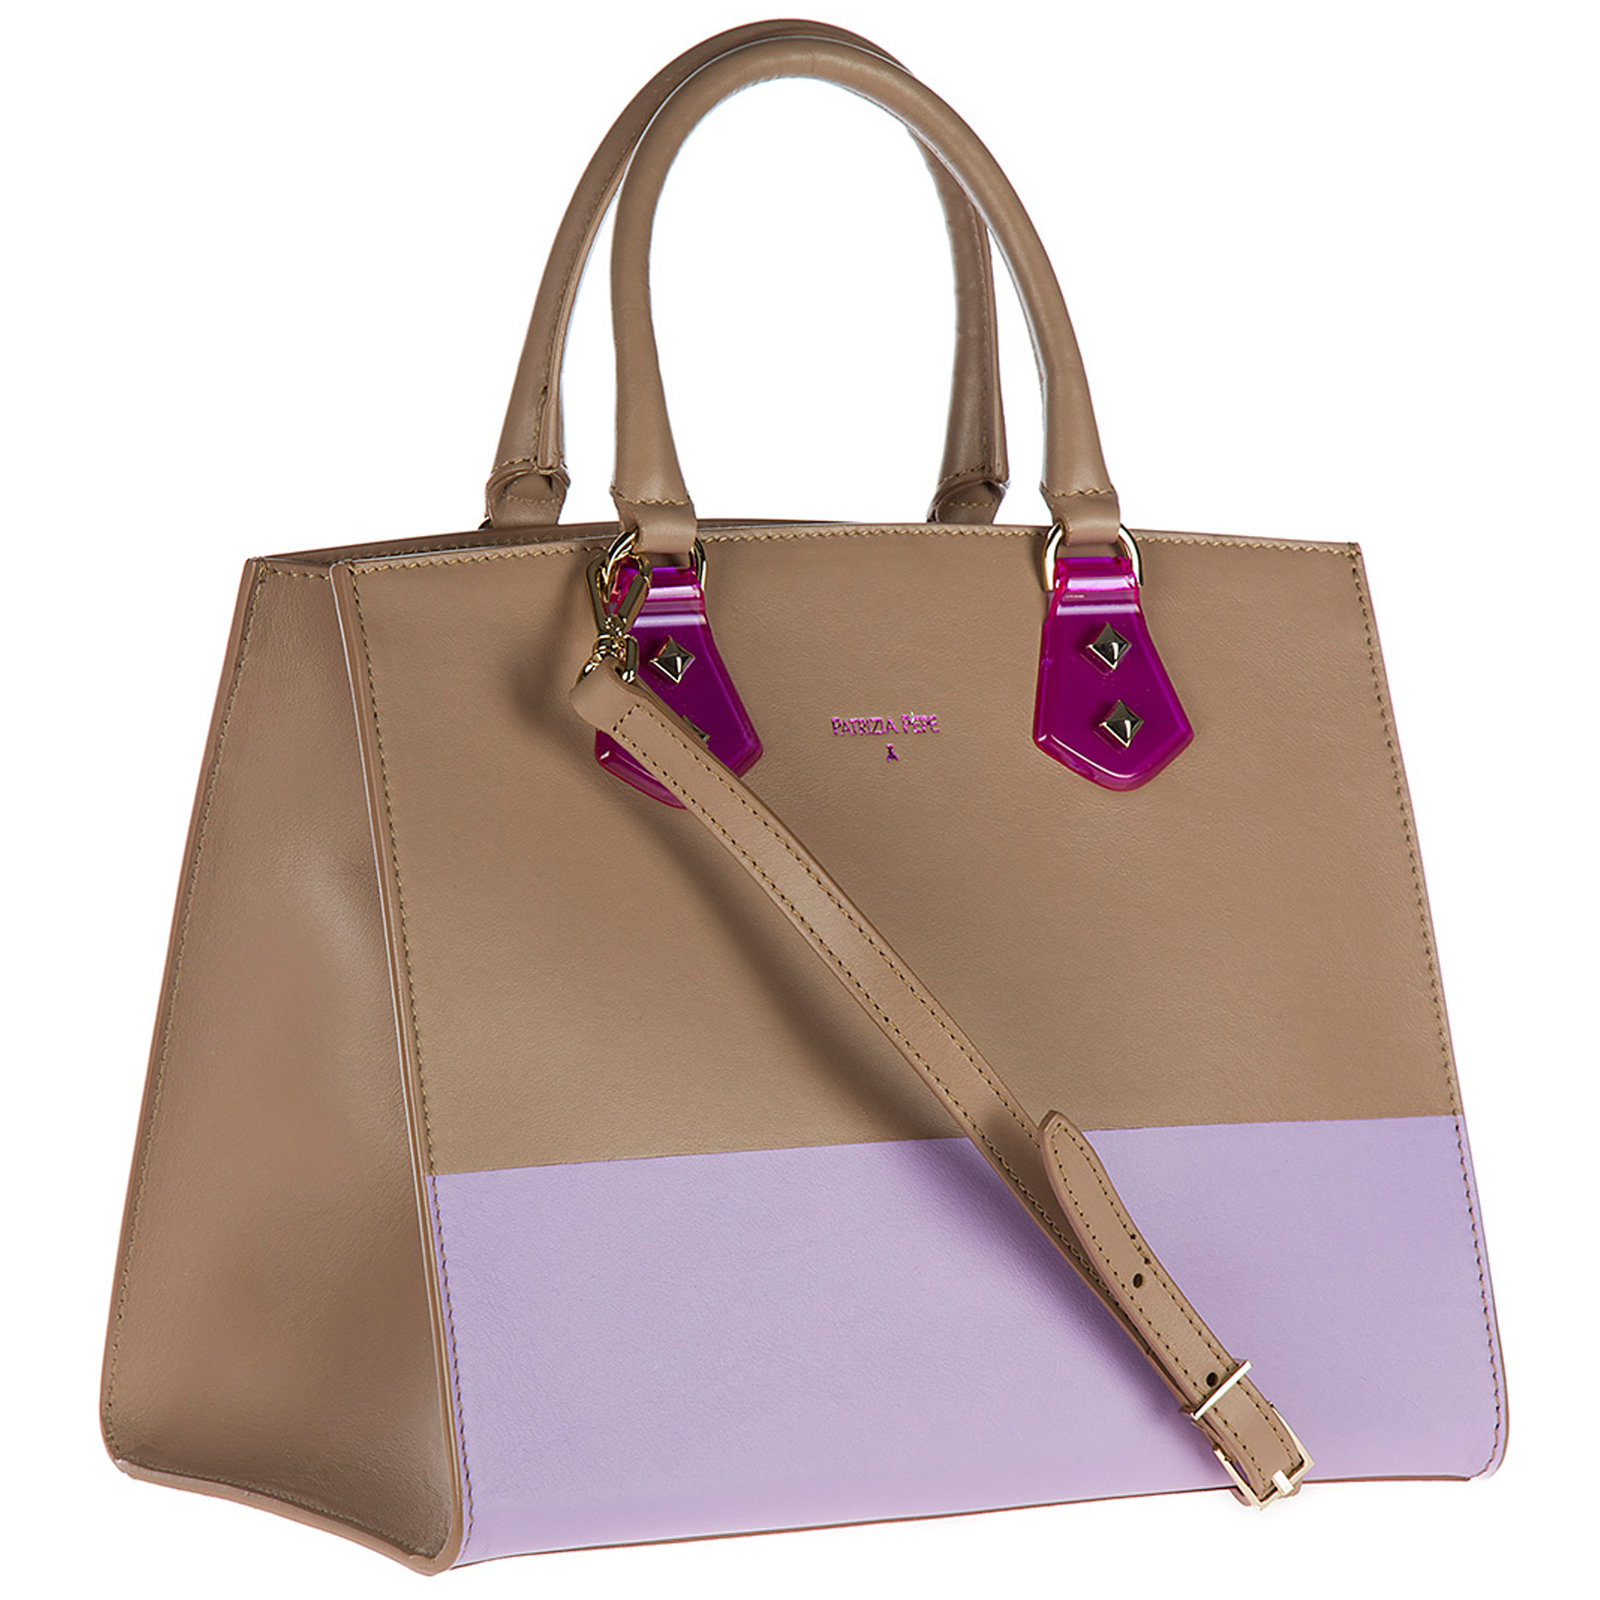 Handtasche damen tasche damenhandtasche bag